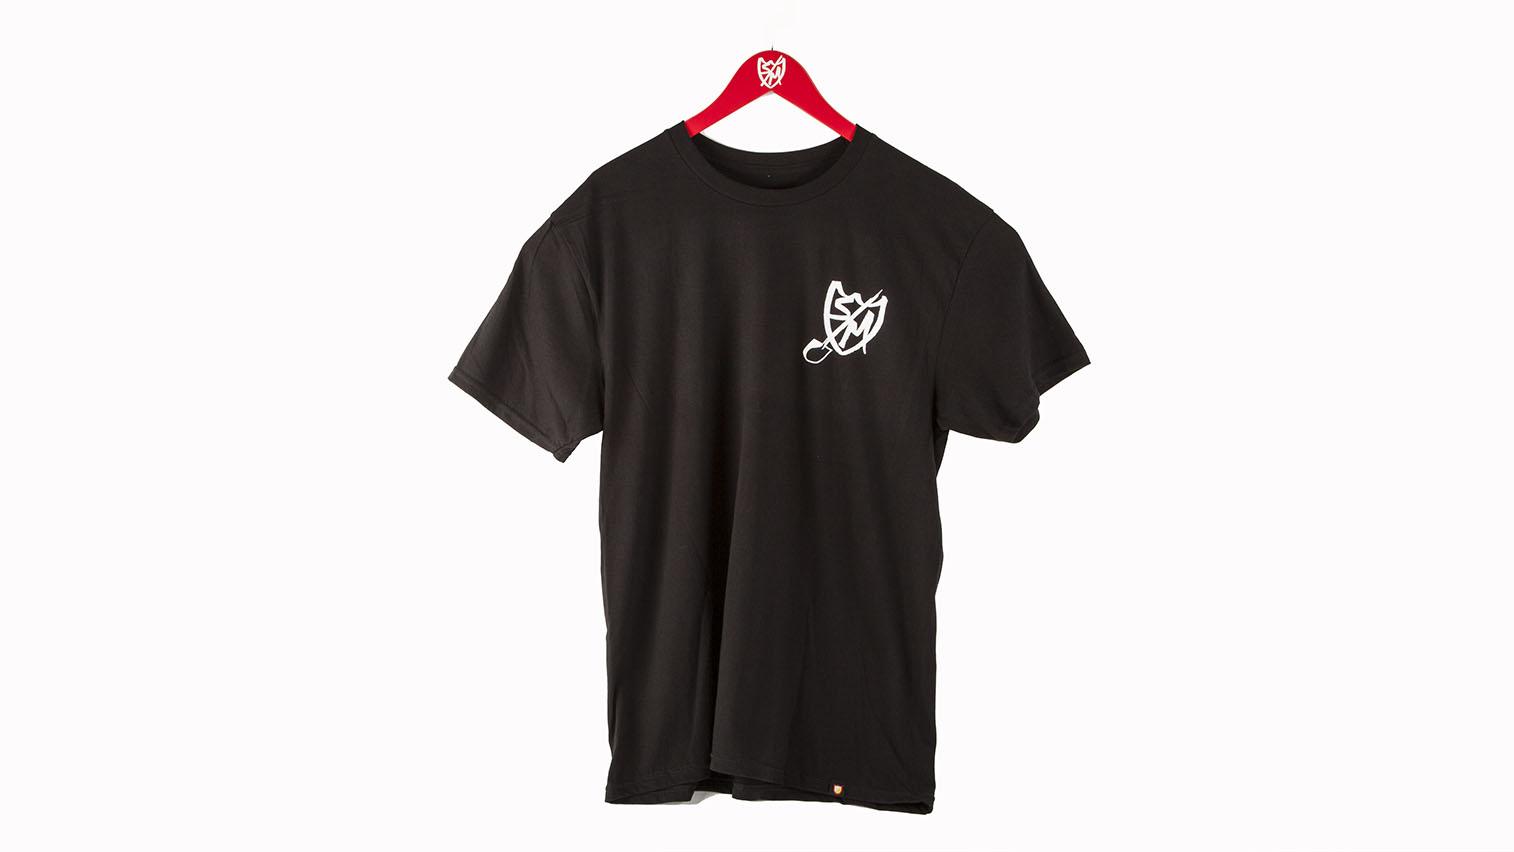 b2703a40 Tshirts – S&M Bikes